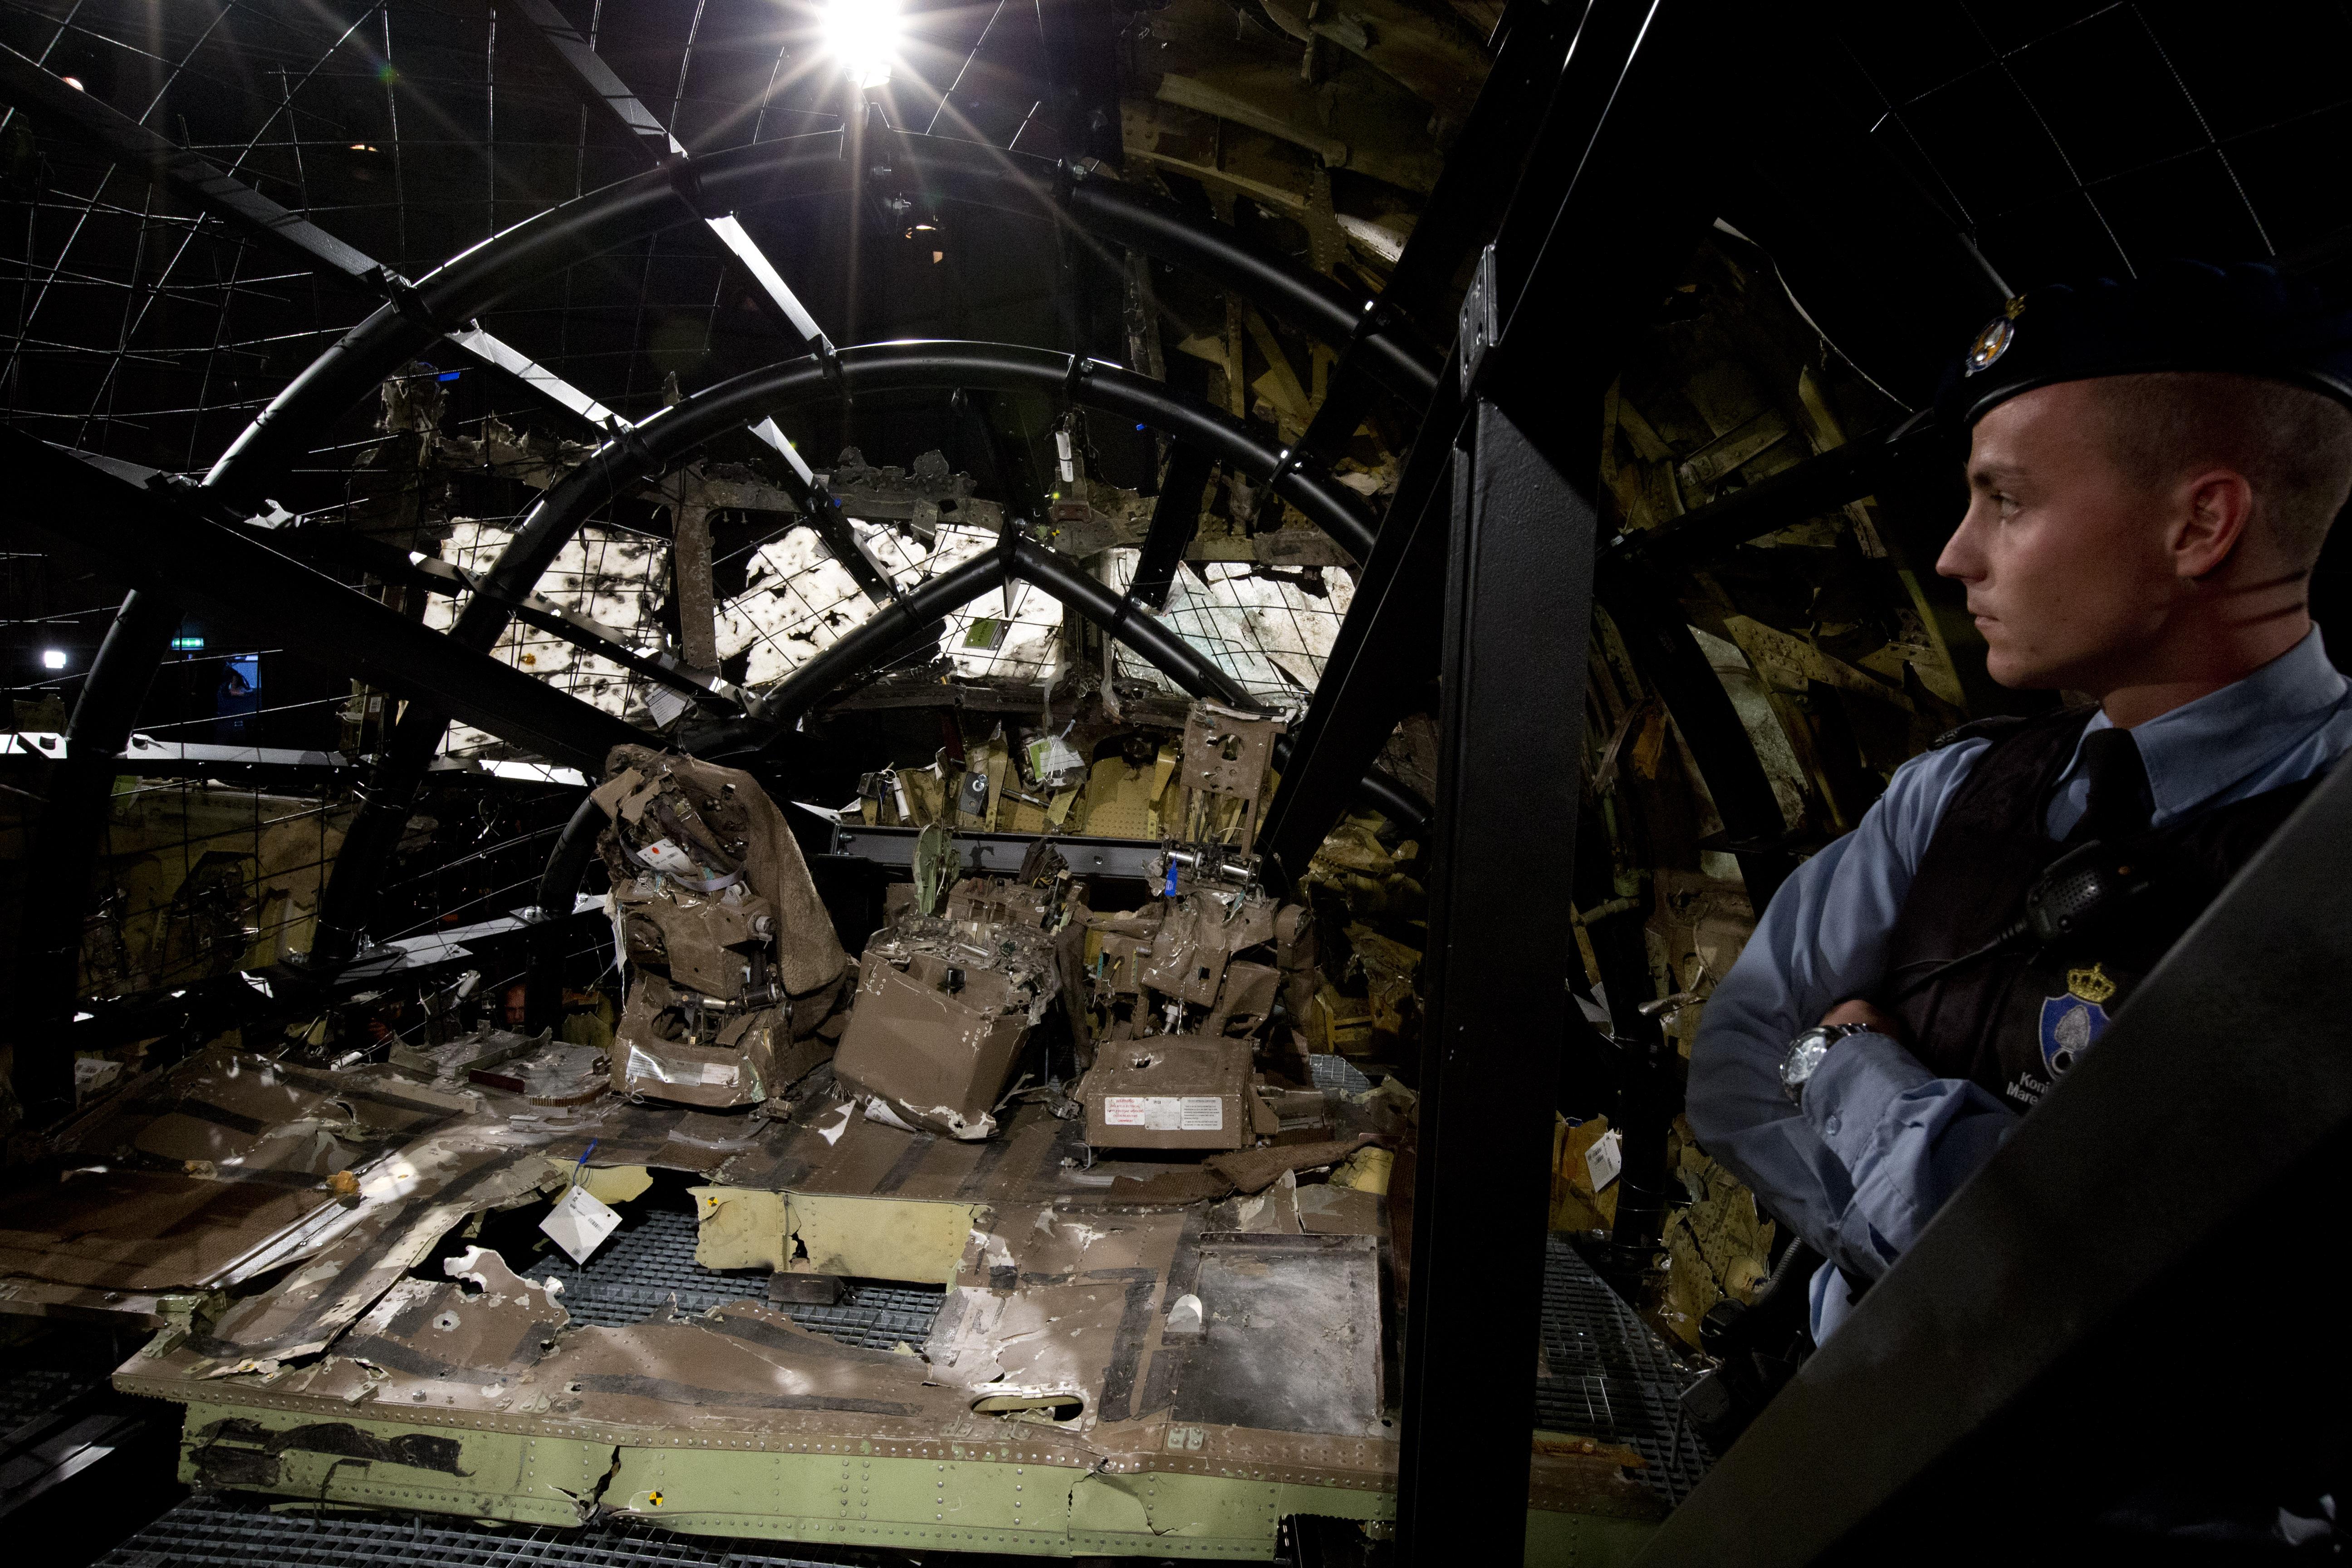 遭俄羅斯飛彈擊落的馬來西亞航空MH17班機,機首駕駛艙碎片重建(美聯社)